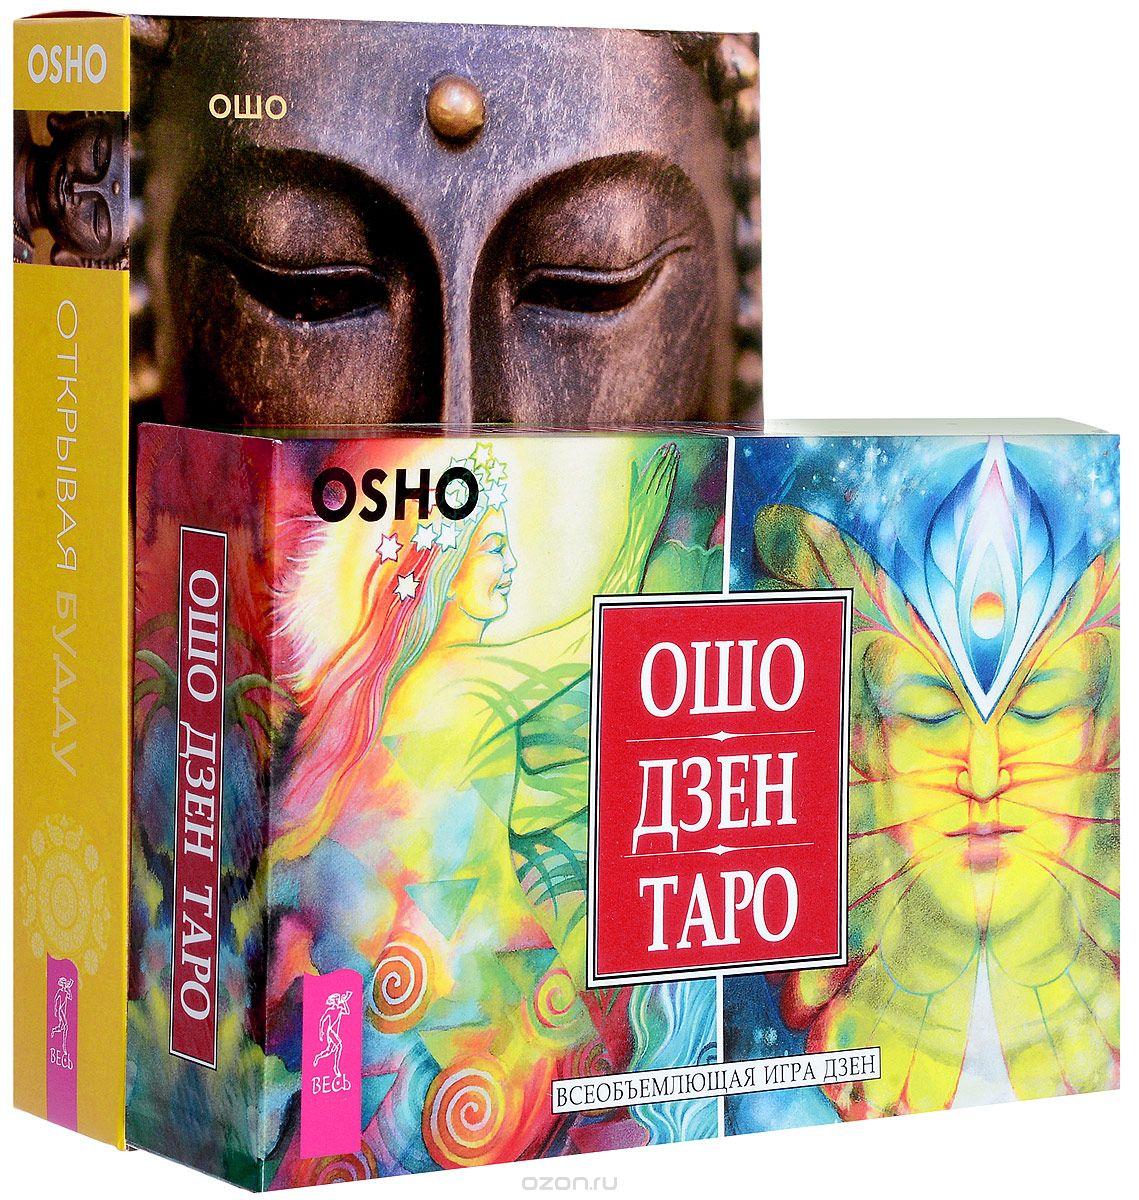 Раджниш Ошо: Открывая Будду. Ошо Дзен Таро (комплект из 2 книг + 2 колоды карт)